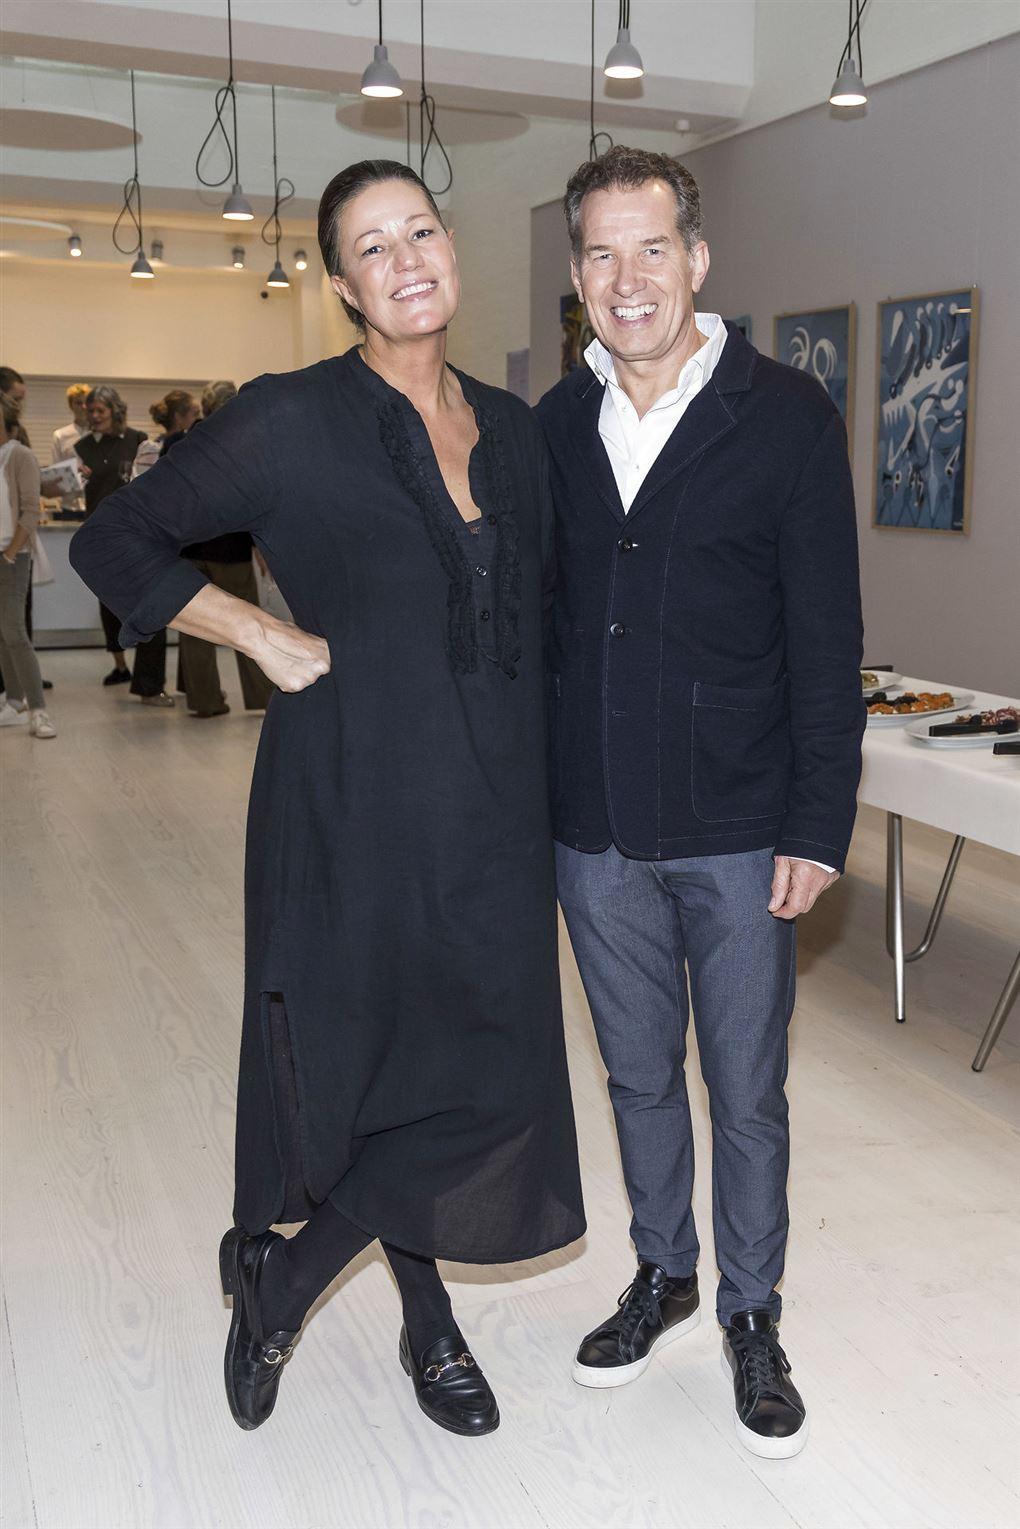 Mette Blomsterberg og hendes mand med armene om hinanden og store smil